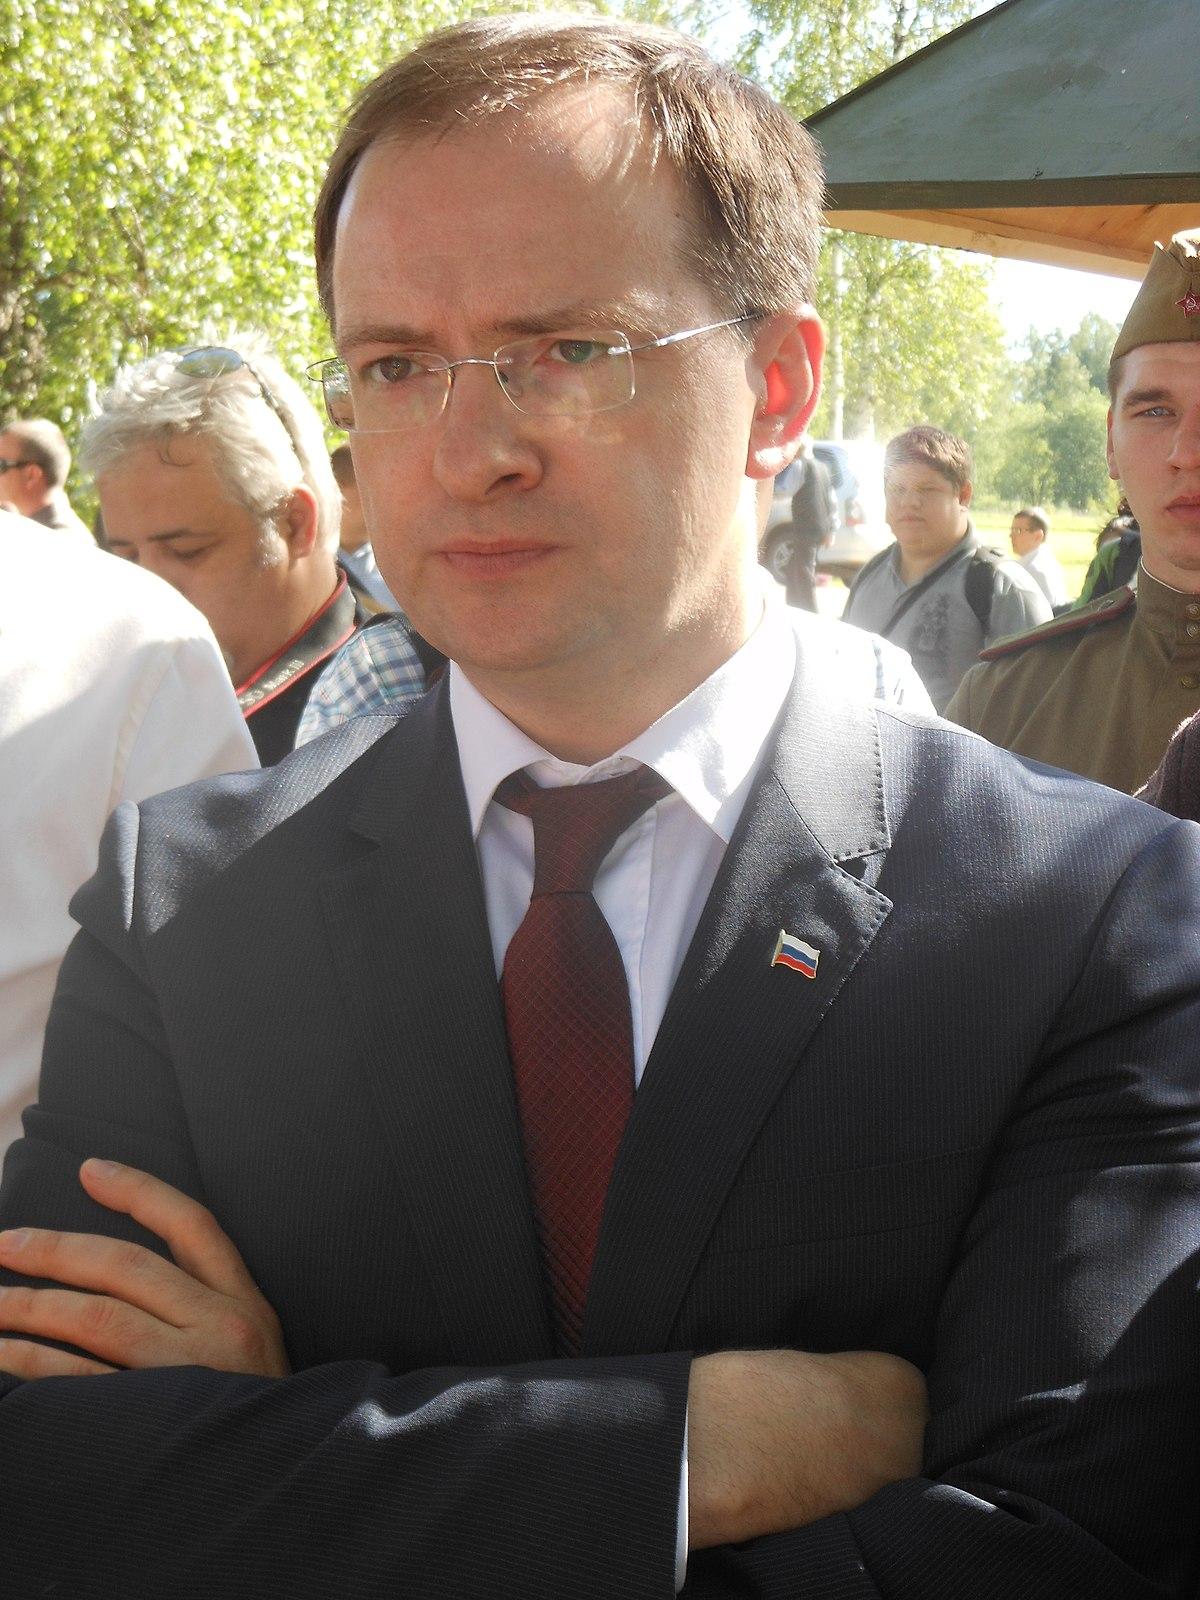 Гомосексуалист активист россии молодой дмитрий д мин